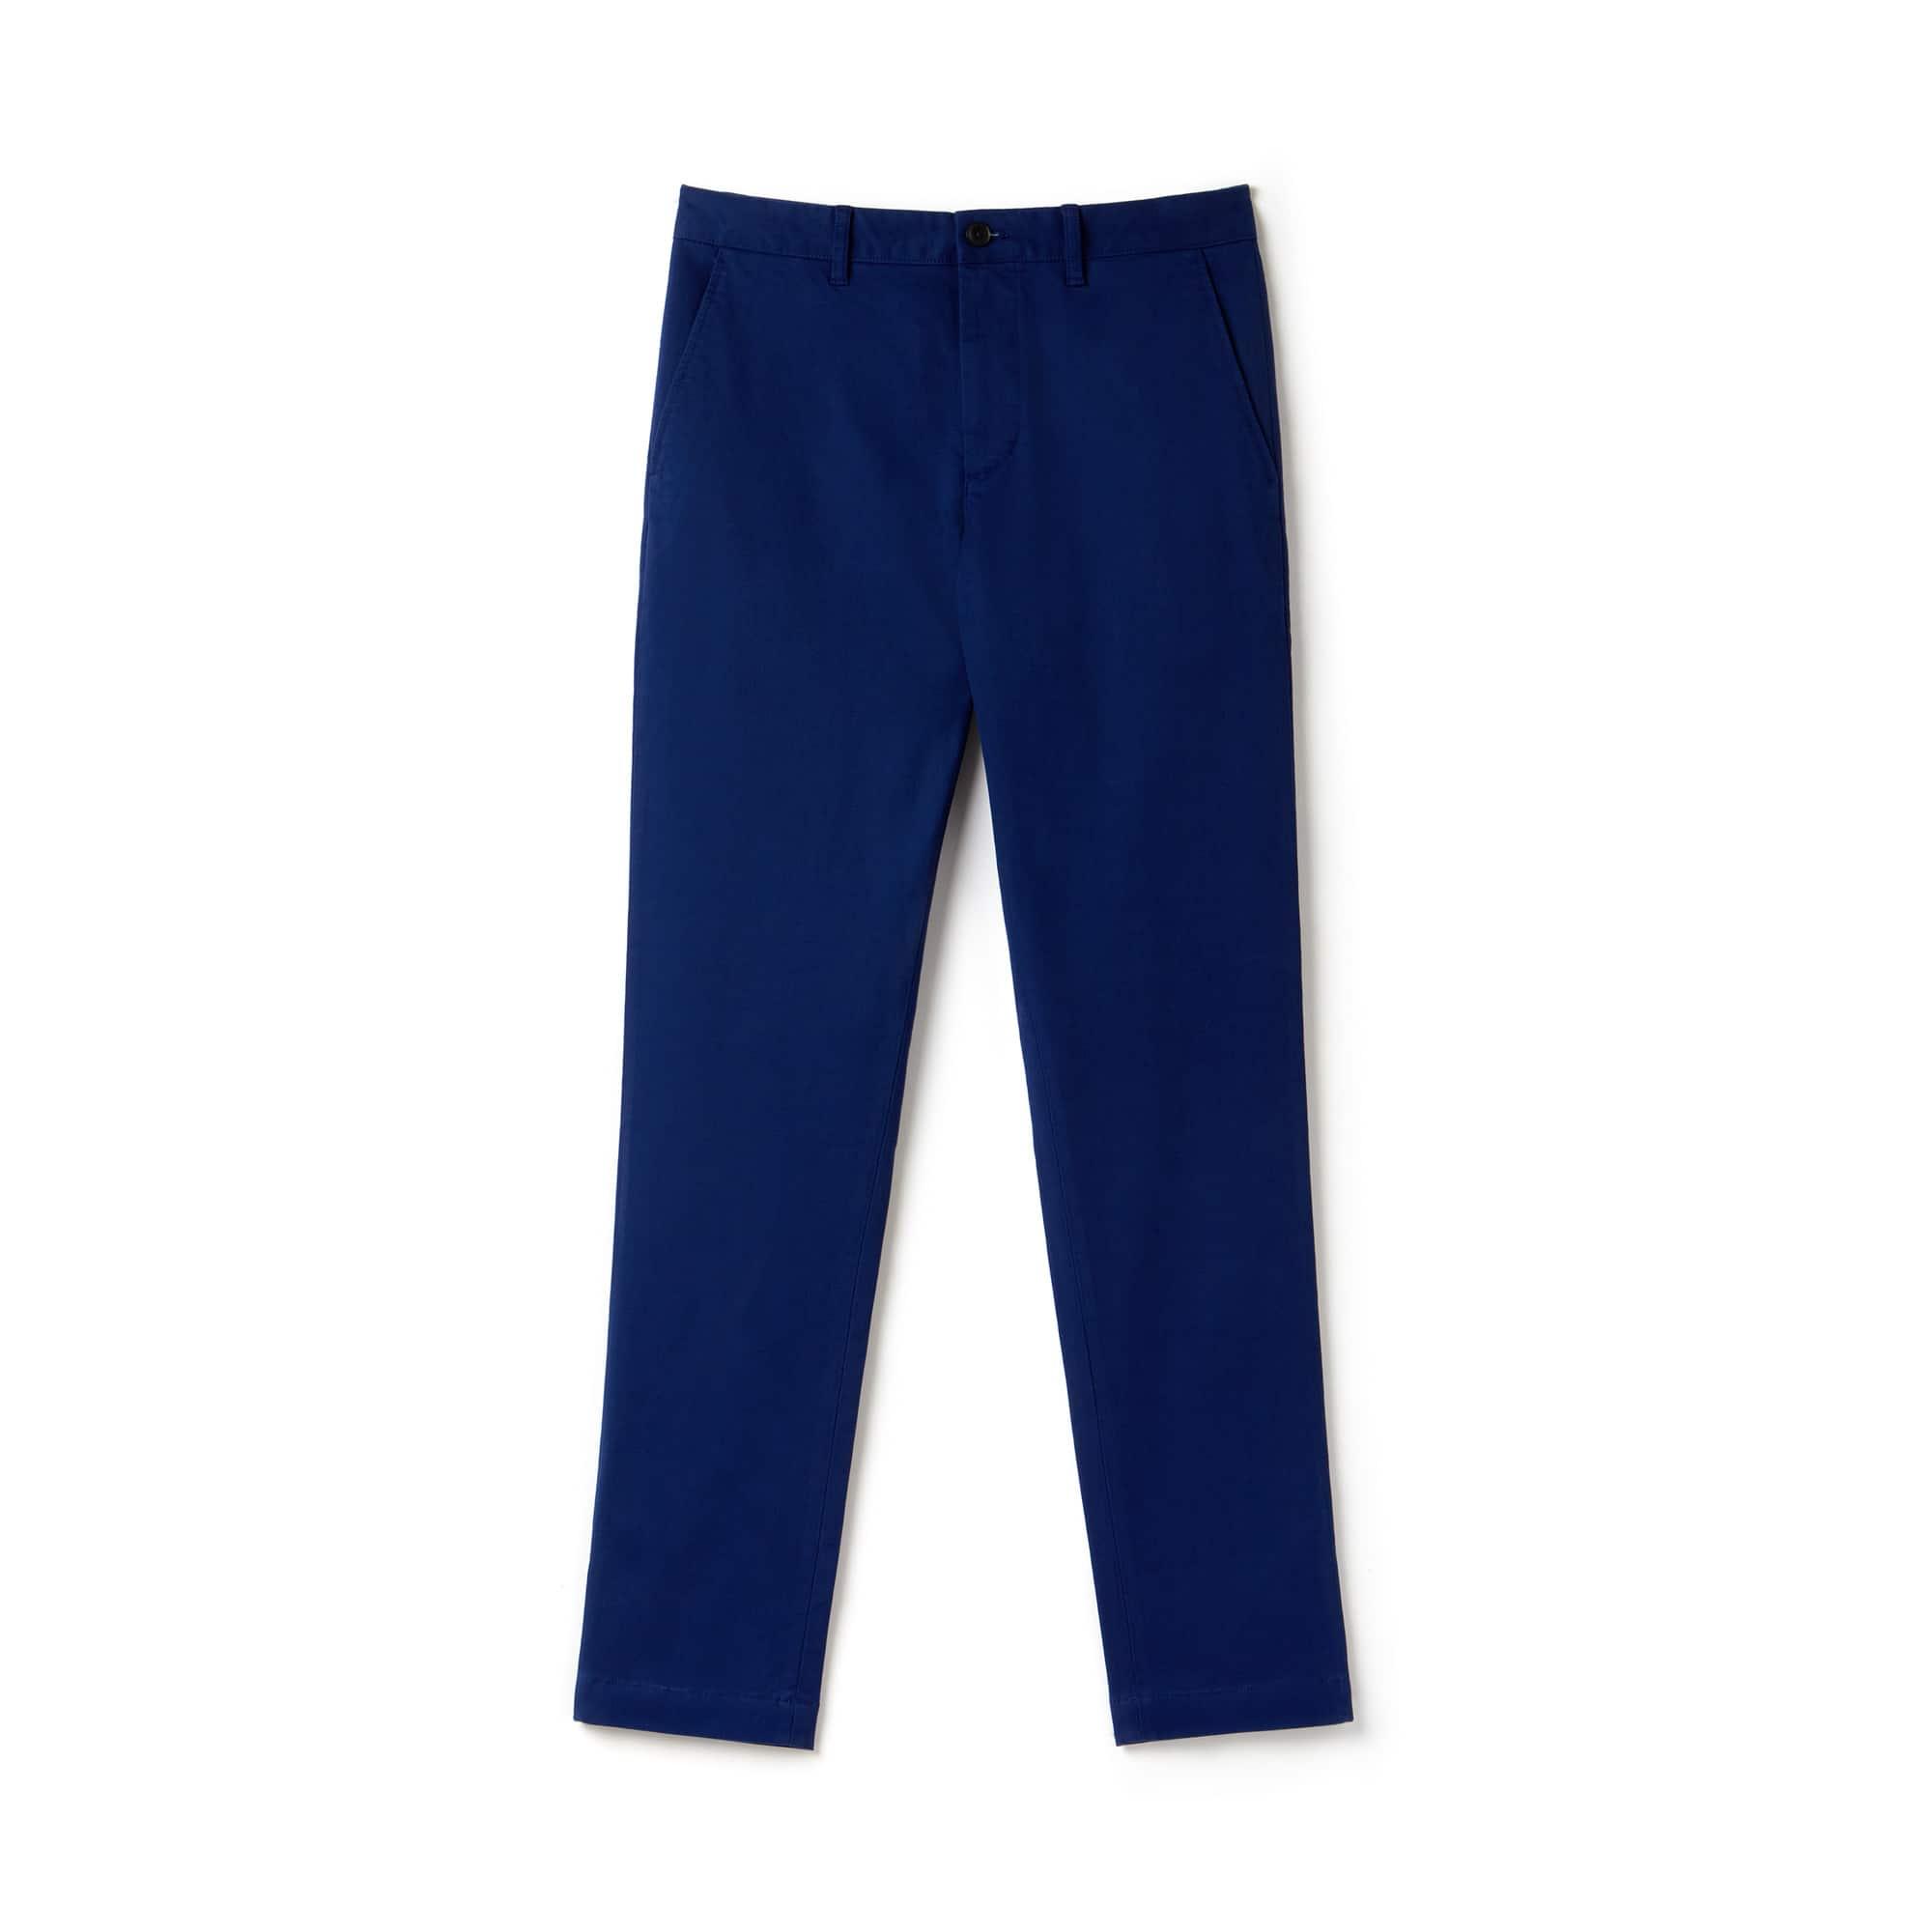 라코스테 Lacoste Mens Slim Fit Stretch Gabardine Chino Pants,navy blue